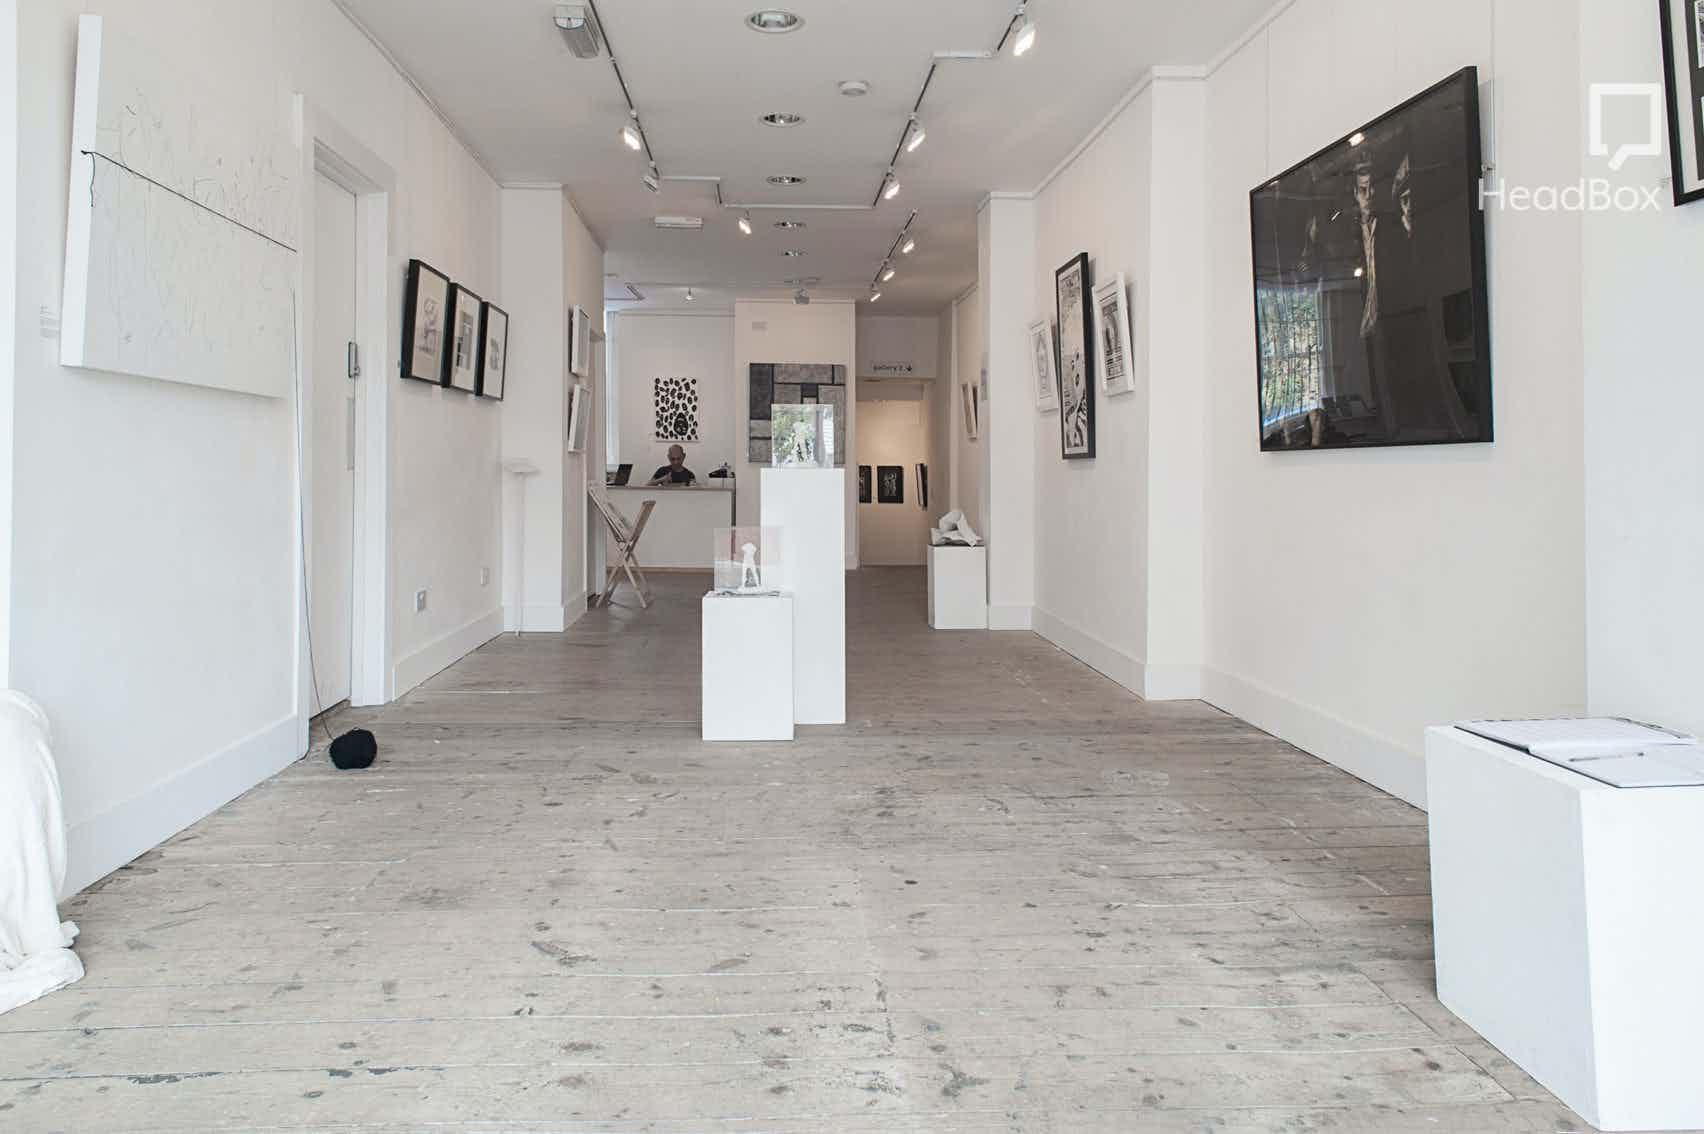 Gallery, Espacio Gallery